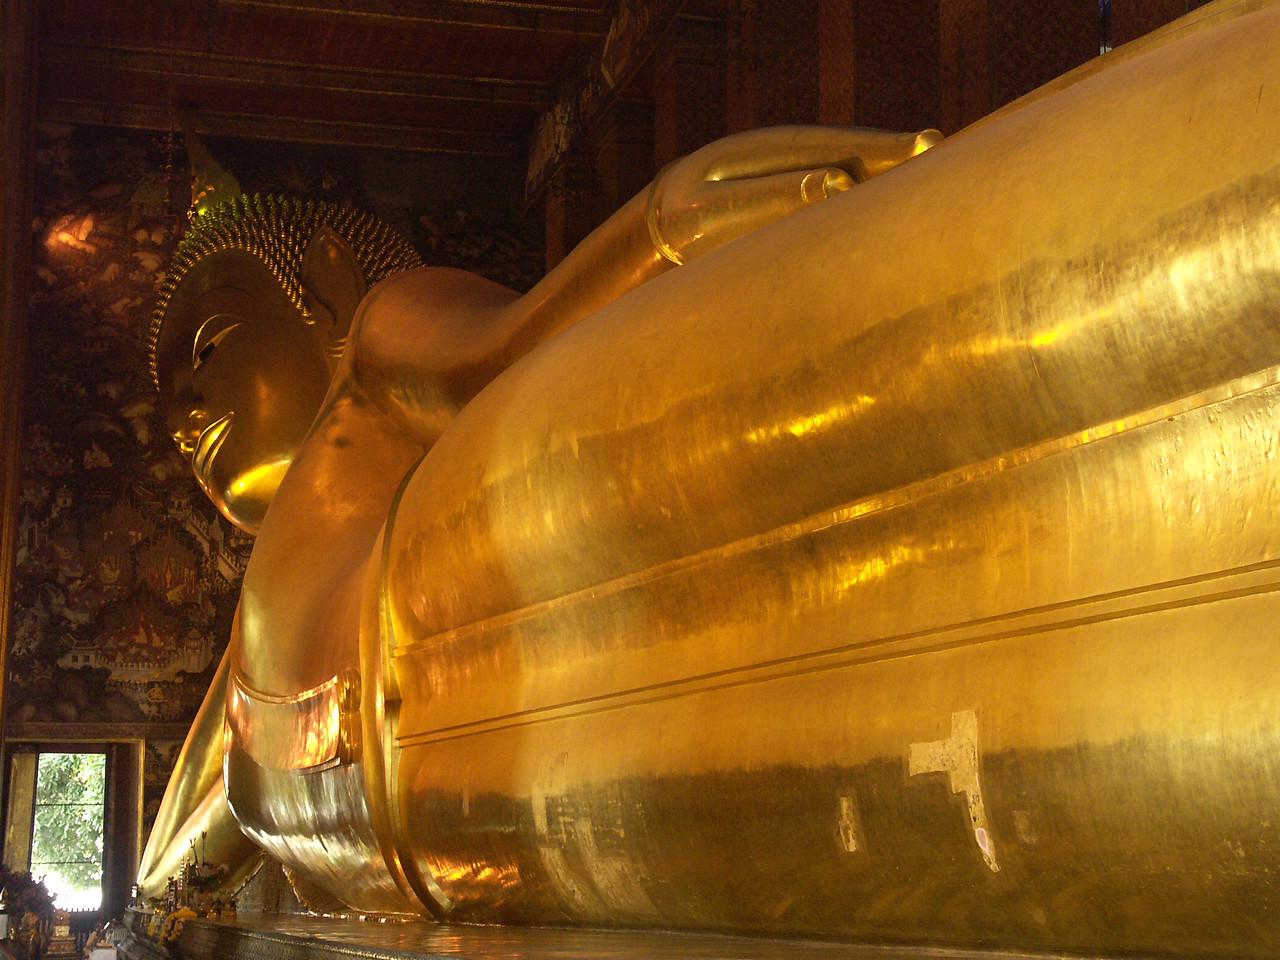 Bangkok, Thailand: The Reclining Budha